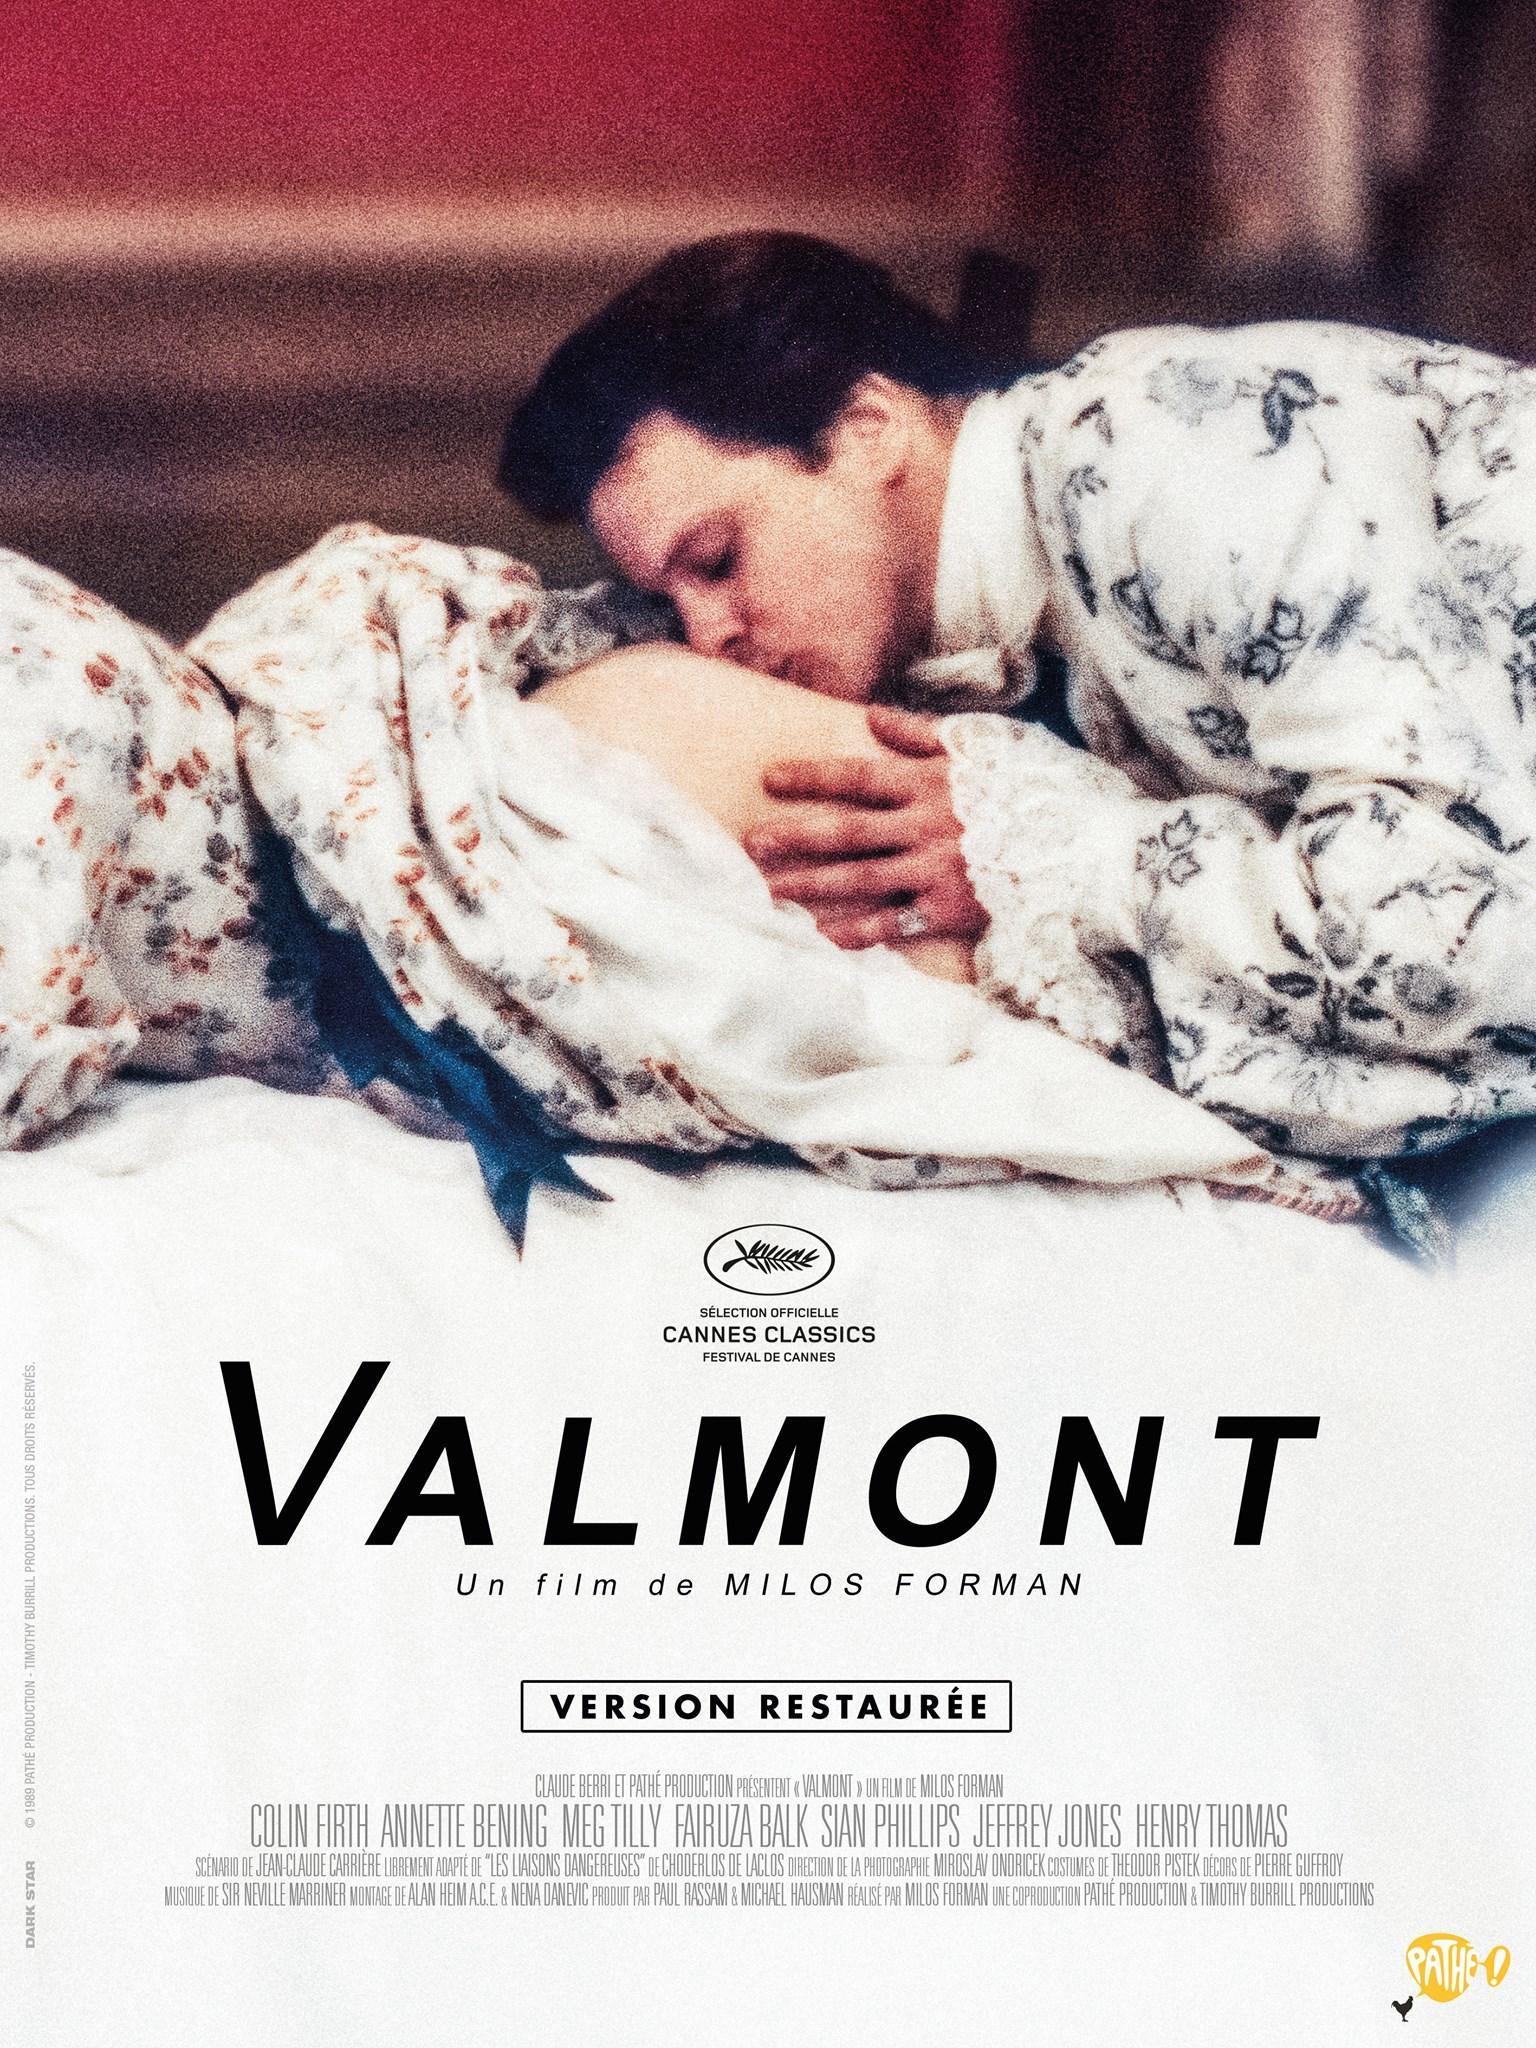 """""""Вальмон"""", США-Франция, 1989, Orion Pictures, режиссёр Милош Форман, автор сценария Жан Клод Каррьер, композитор Кристофер Палмер"""